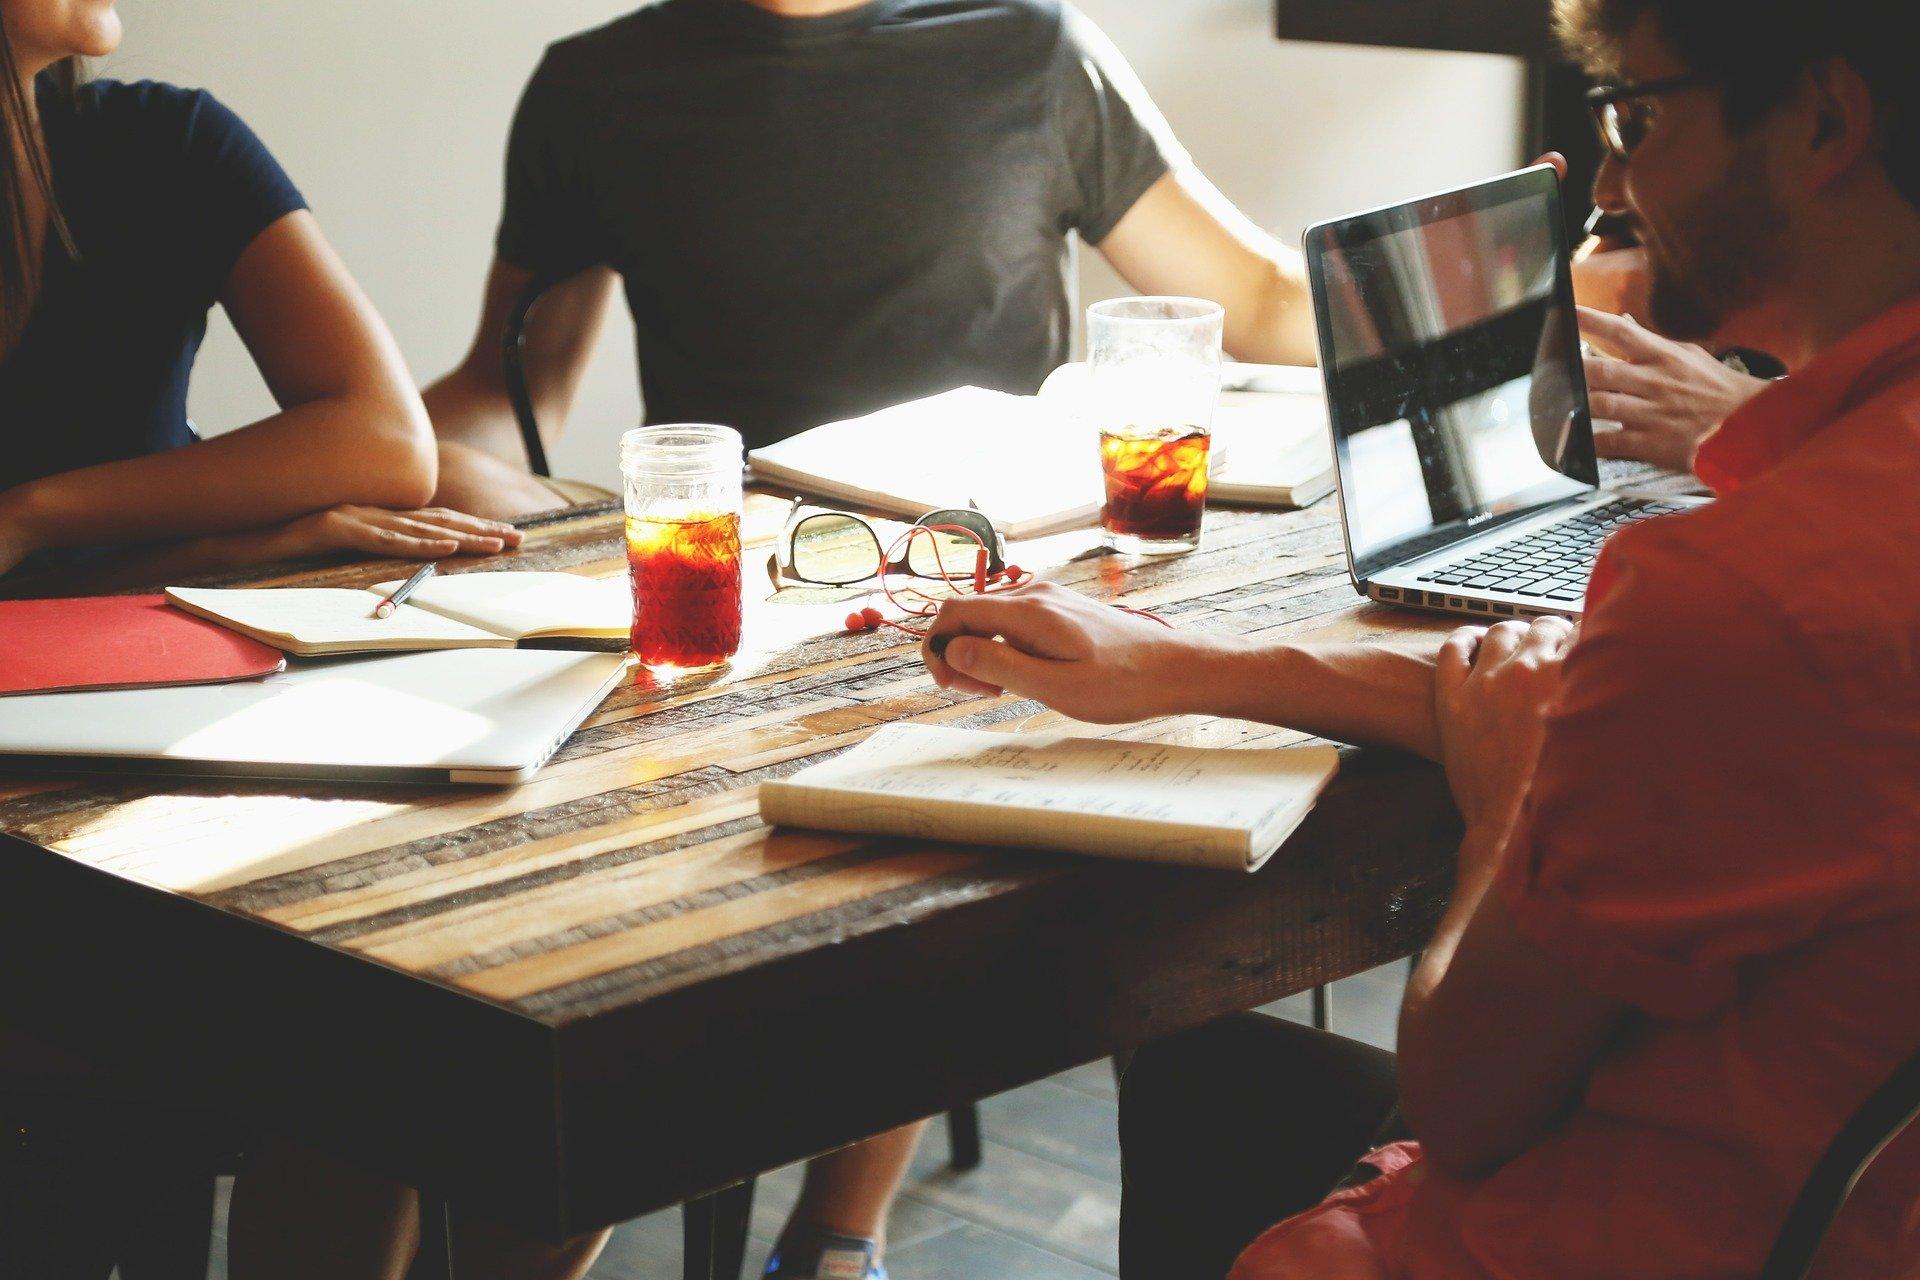 Soziale Beziehungen fördern die Gesundheit - Teamwork am Arbeitsplatz